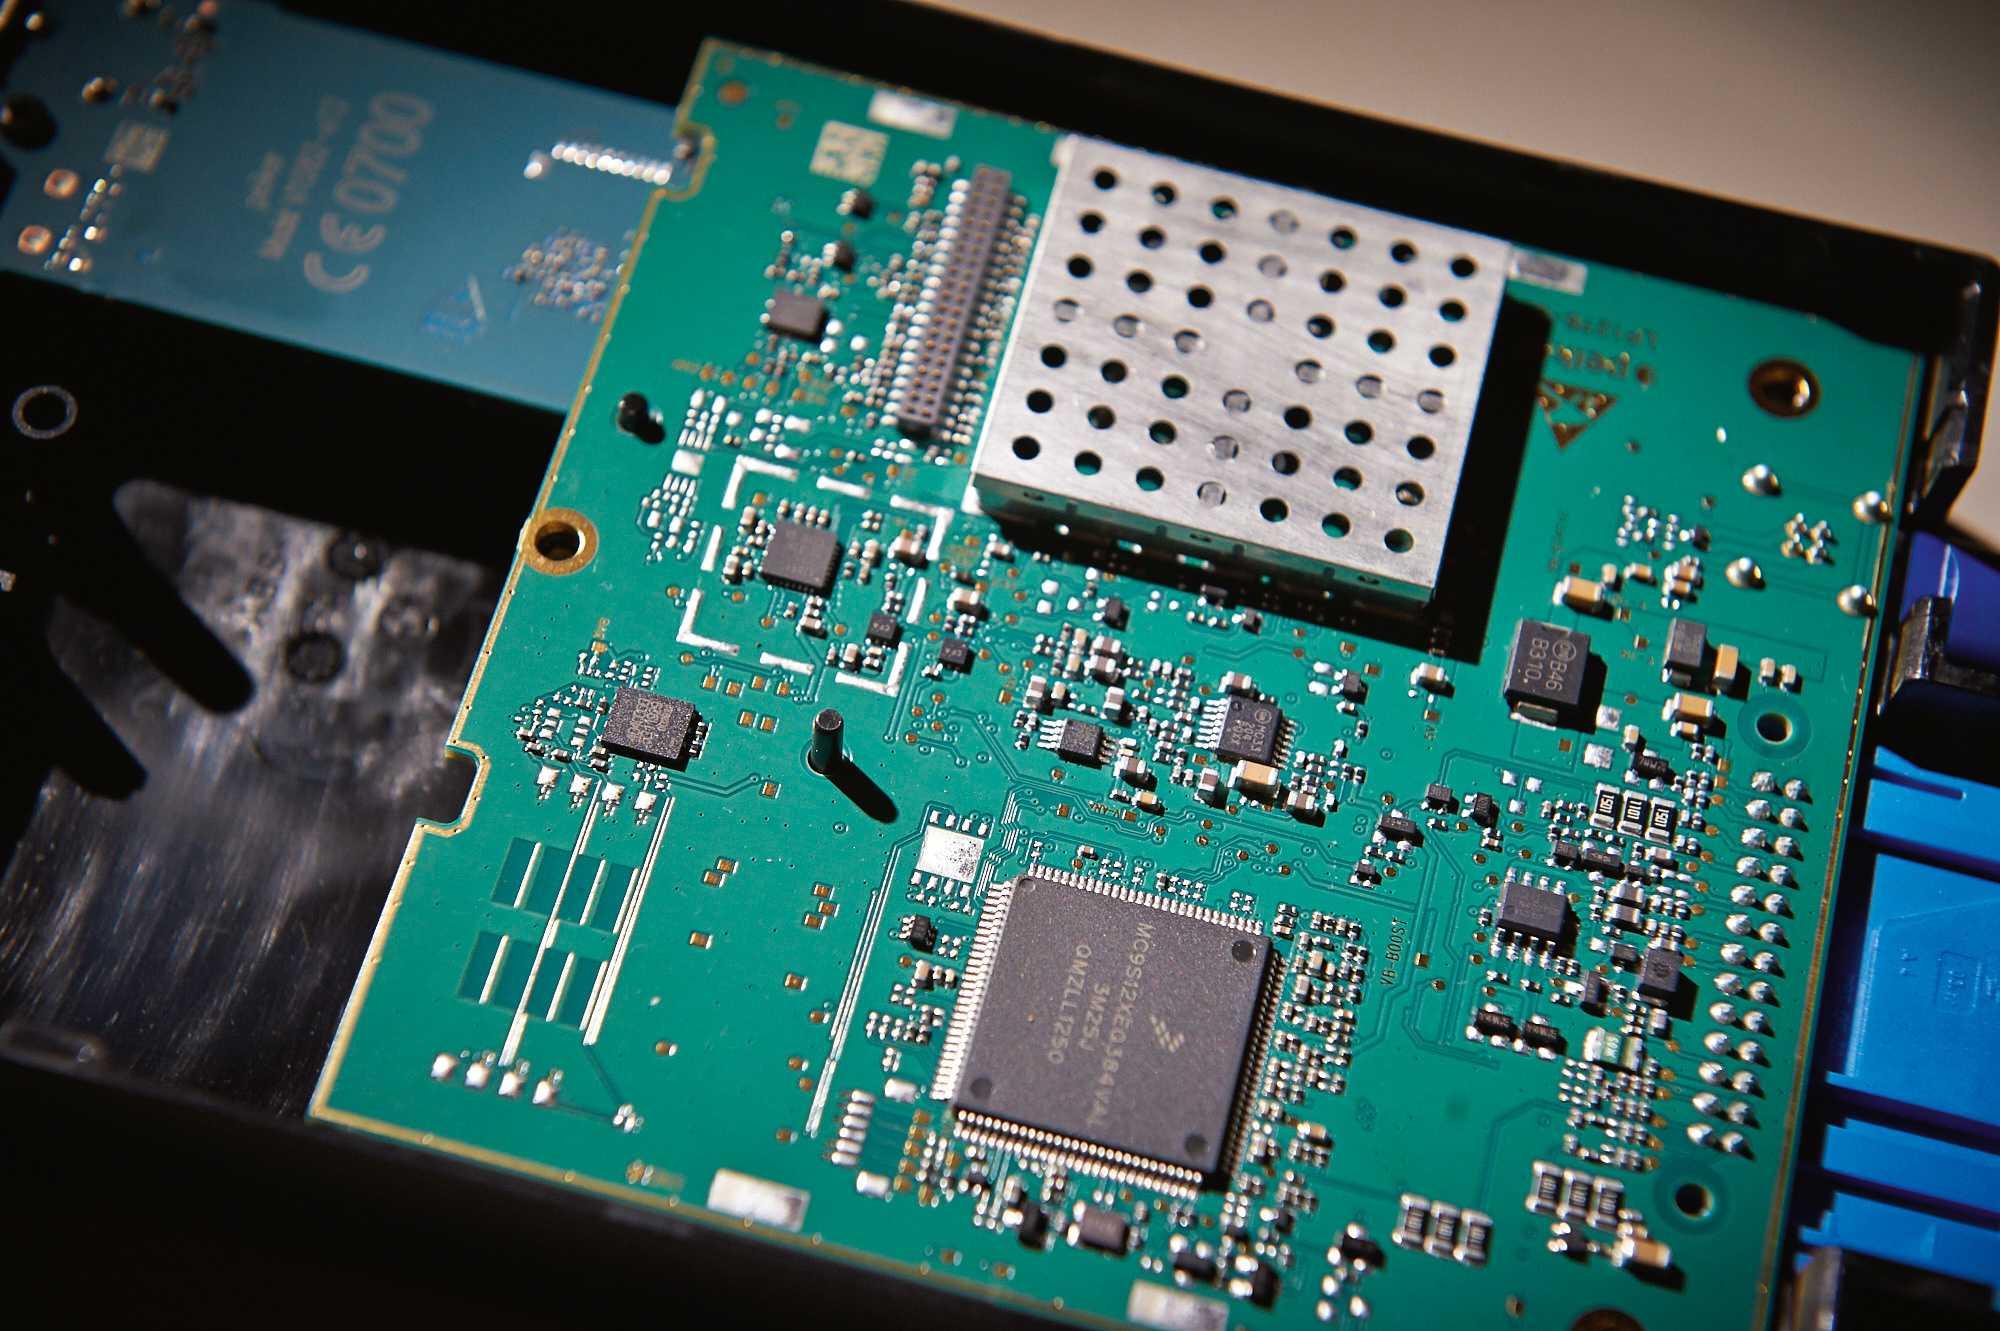 In einigen BMW-Modellen wurde die Combox durch andere Steuergeräte ersetzt. Die Telematic Communication Box beherrscht UMTS und lässt sich nicht die Fahrgestellnummer entlocken, nutzt aber immer noch die bekannten Krypto-Schlüssel.